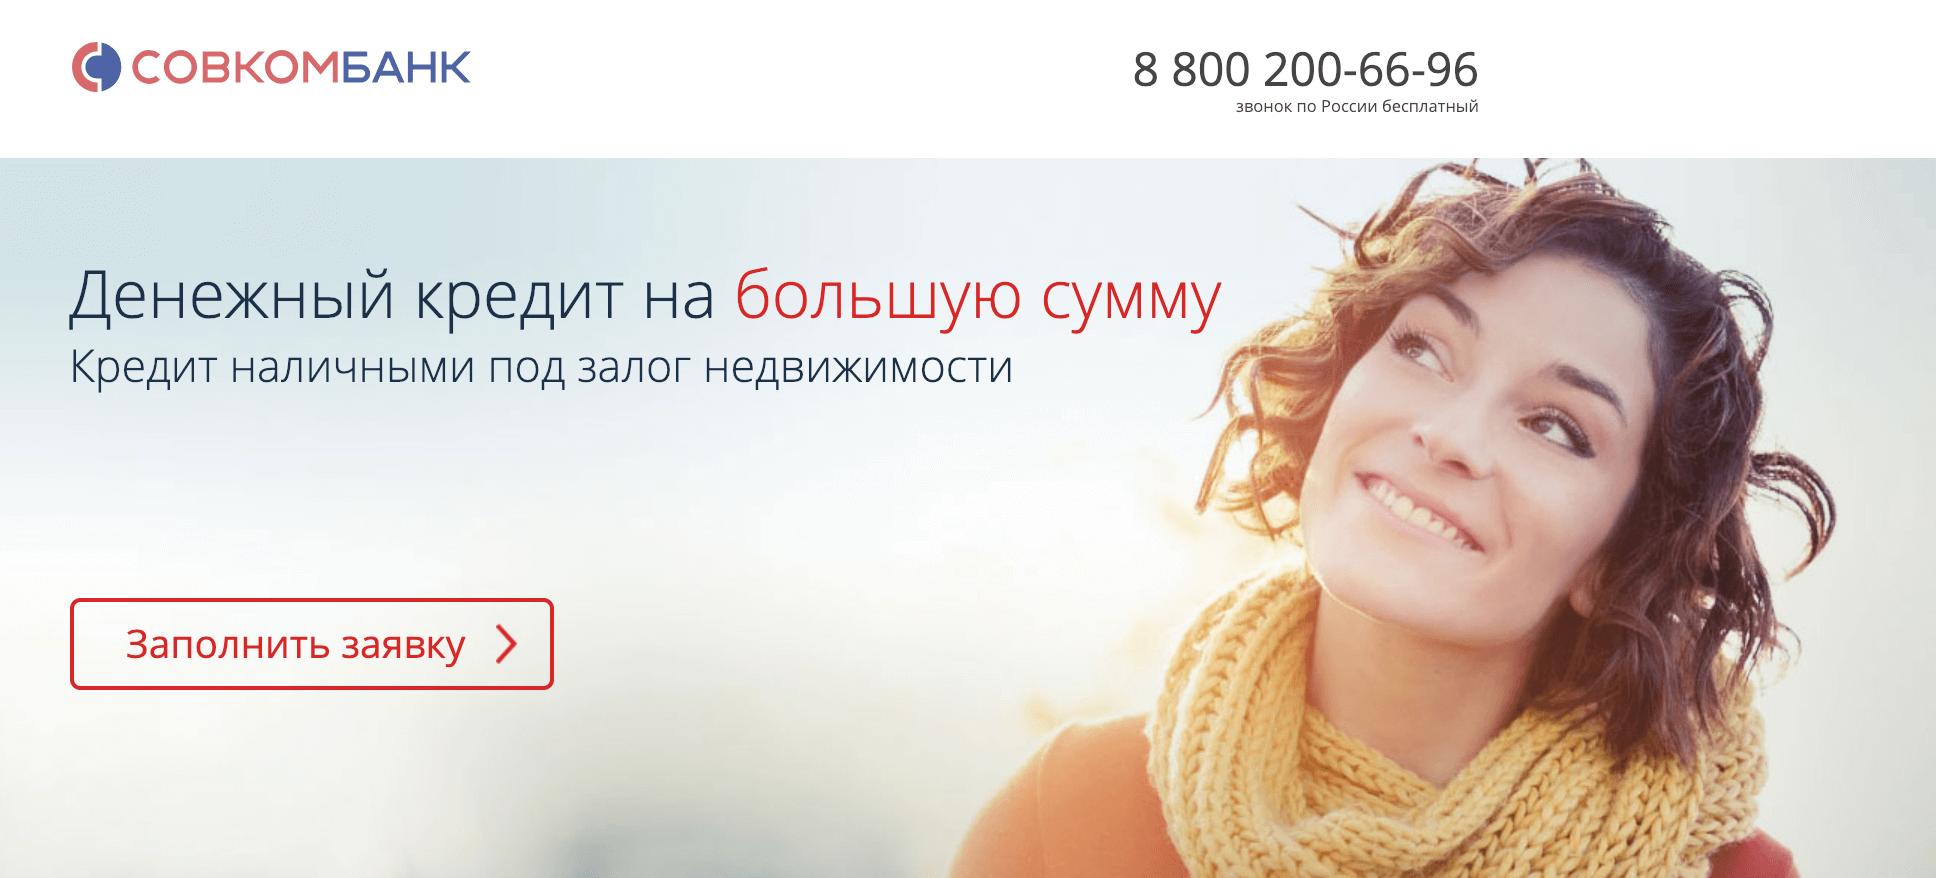 Изображение - Кредит под залог недвижимости без подтверждения доходов sovkombank-credit